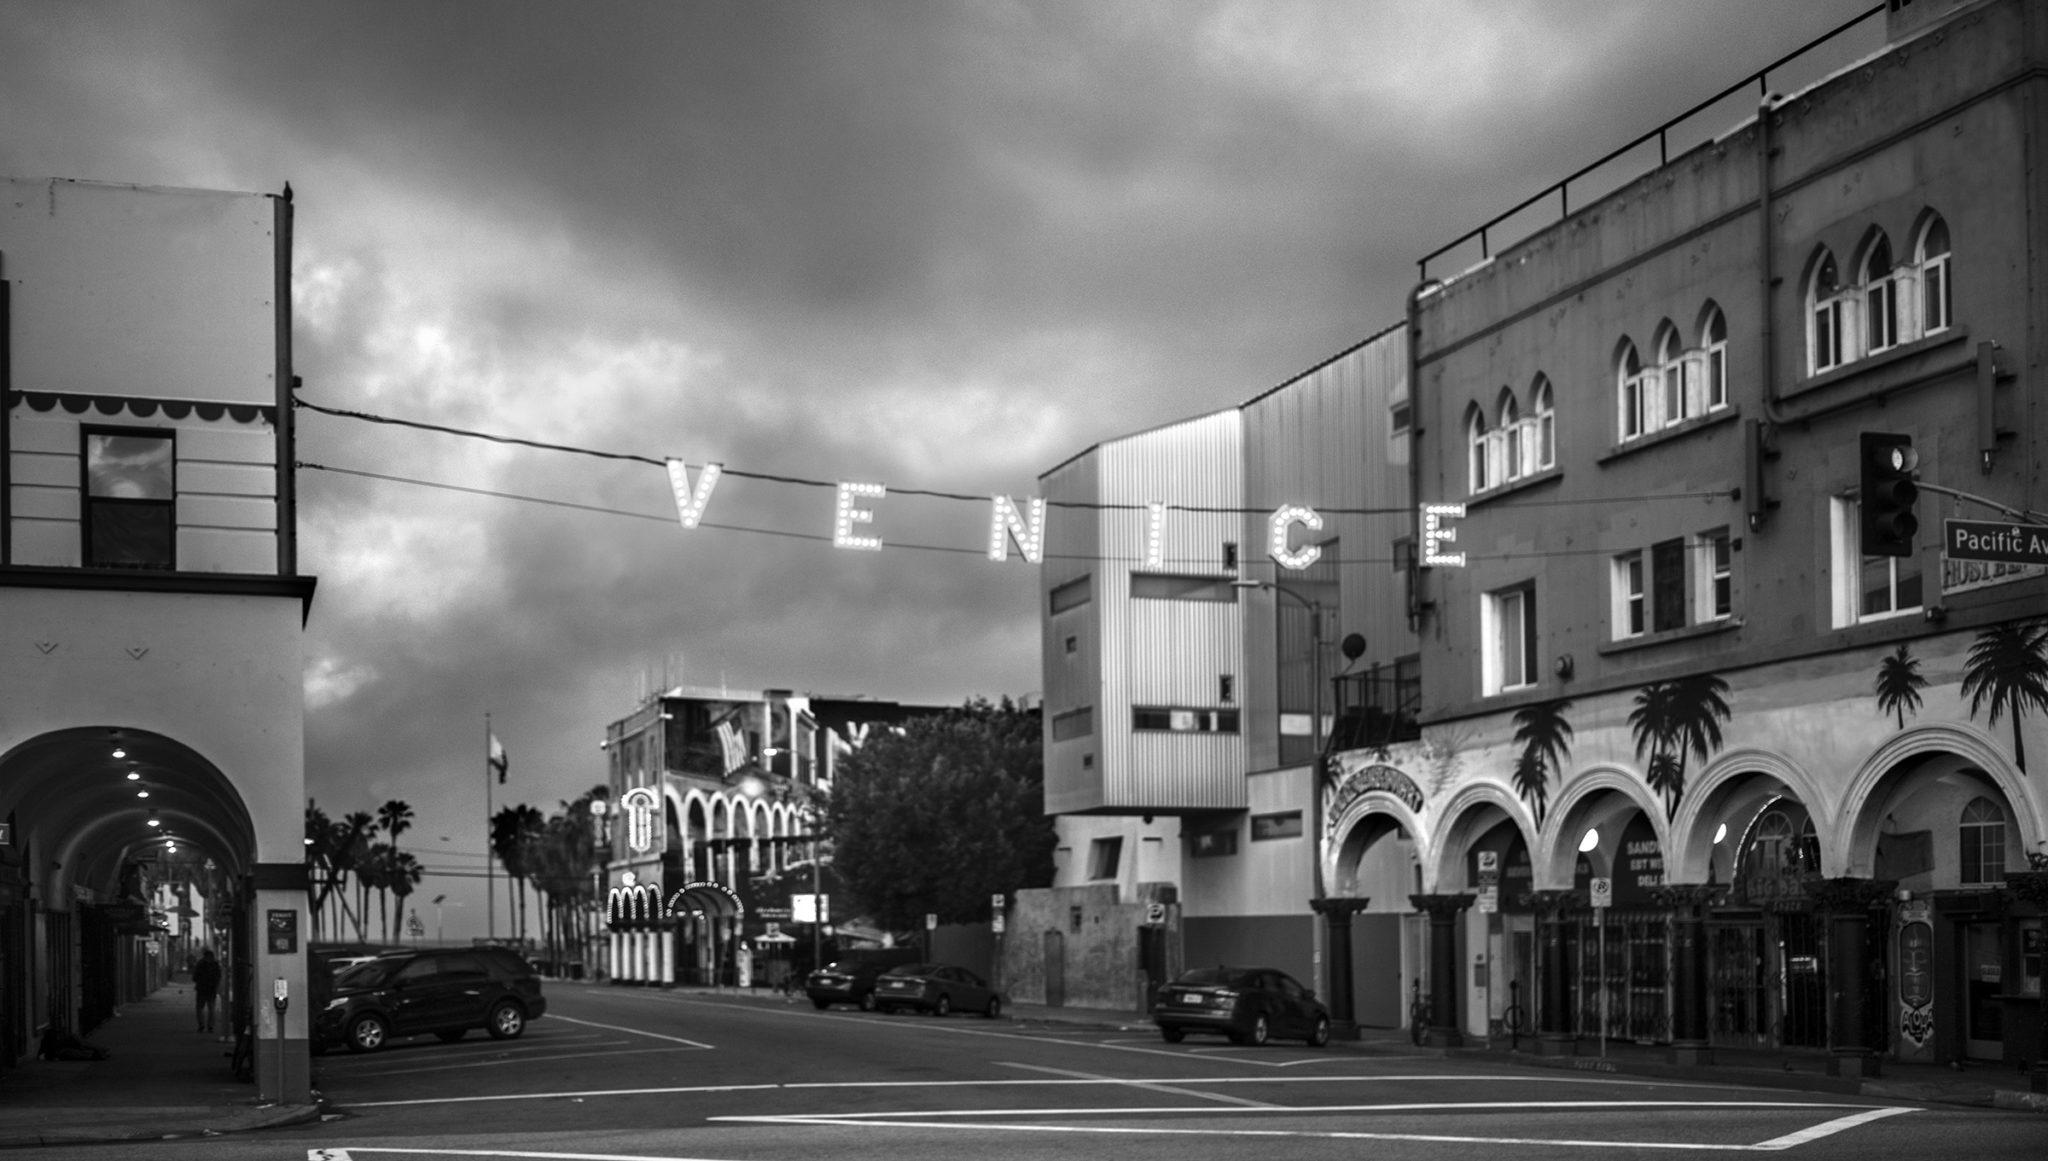 Venice Holiday bw by Rich J. Velasco